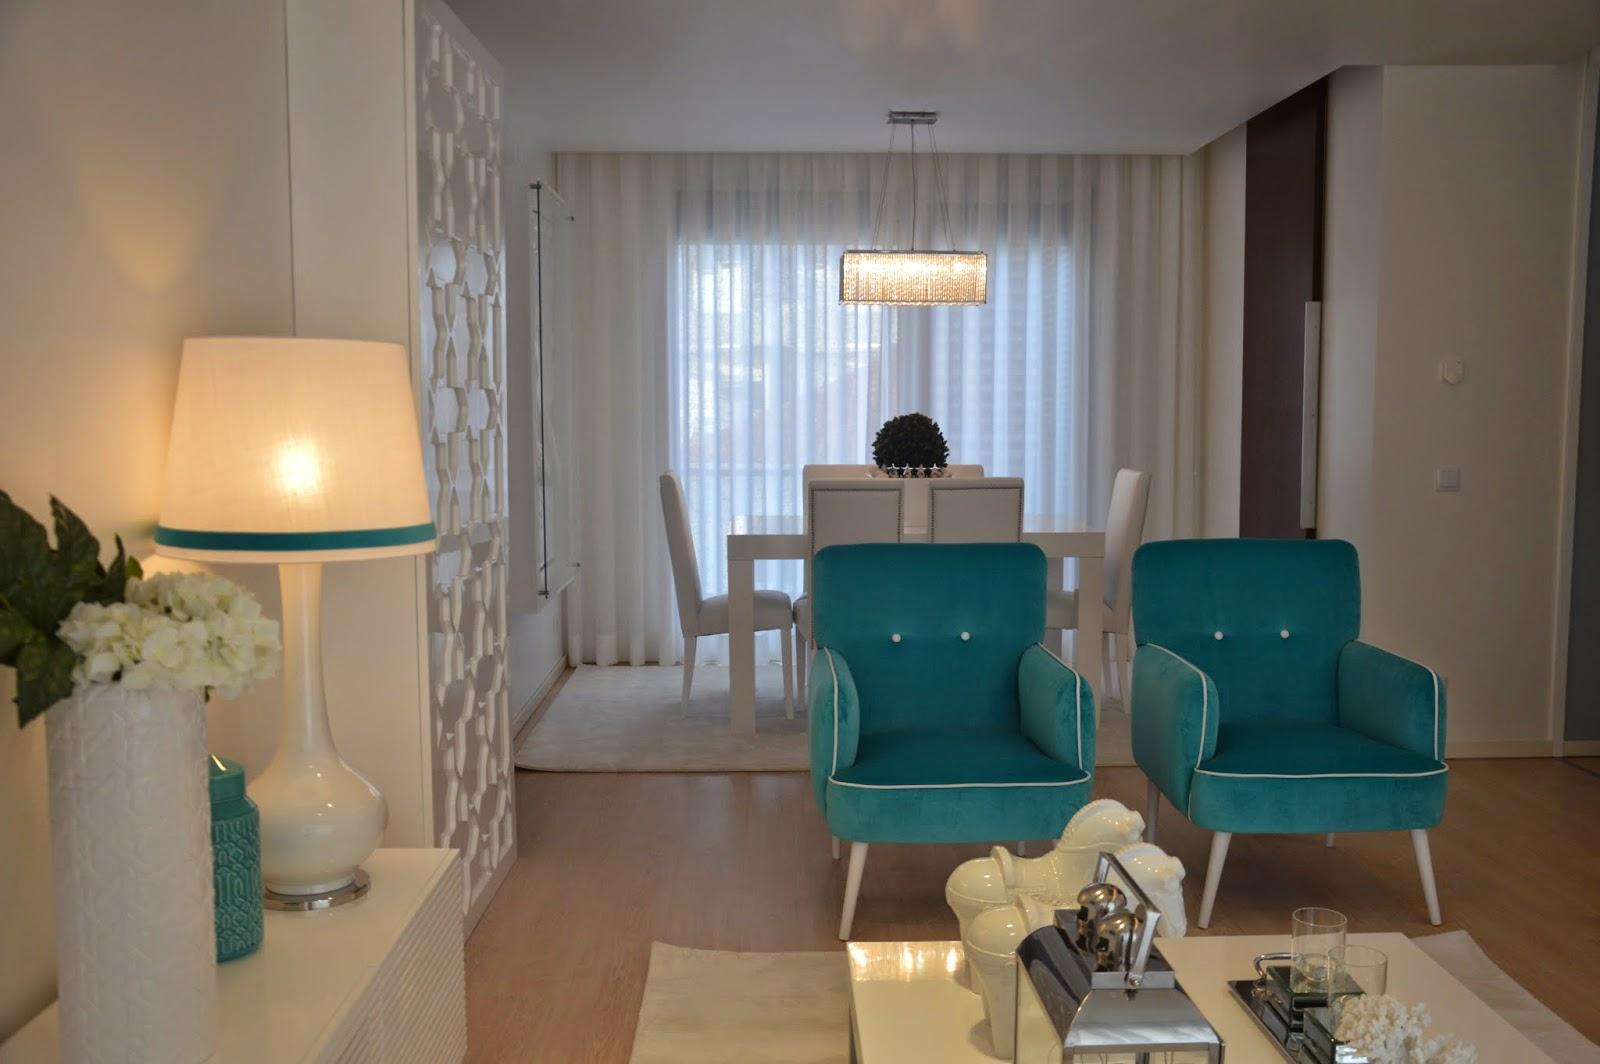 Sala Jantar Verde Agua ~ As cadeiras da sala de jantar são em pele branca e têm tachas nas